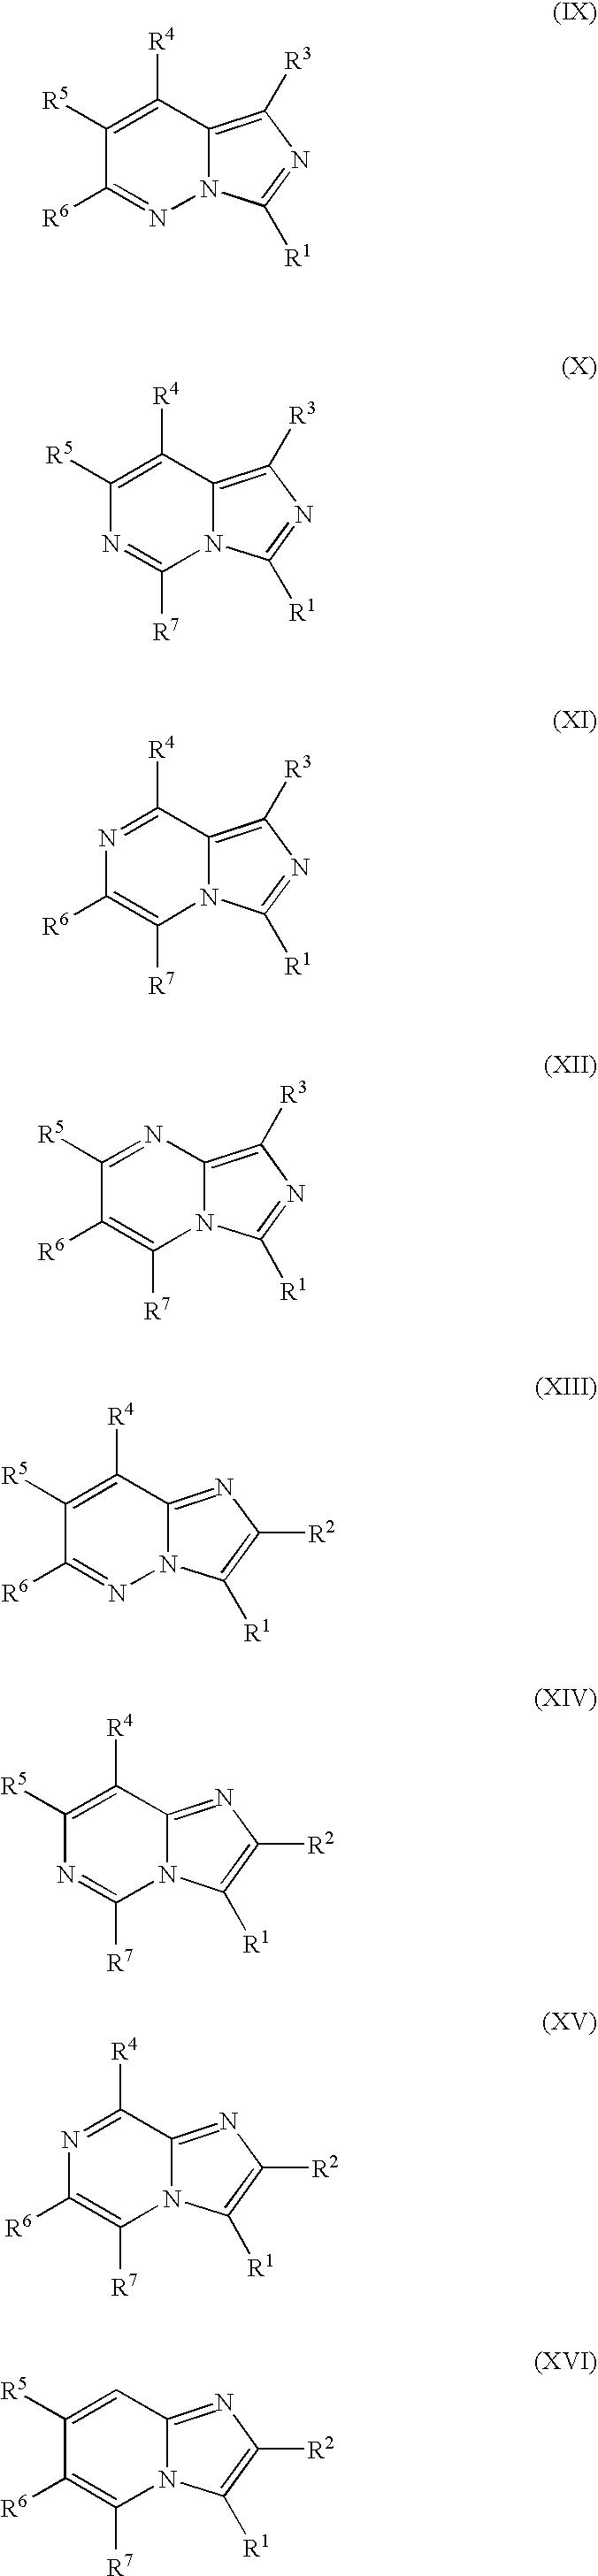 Figure US07288123-20071030-C00045